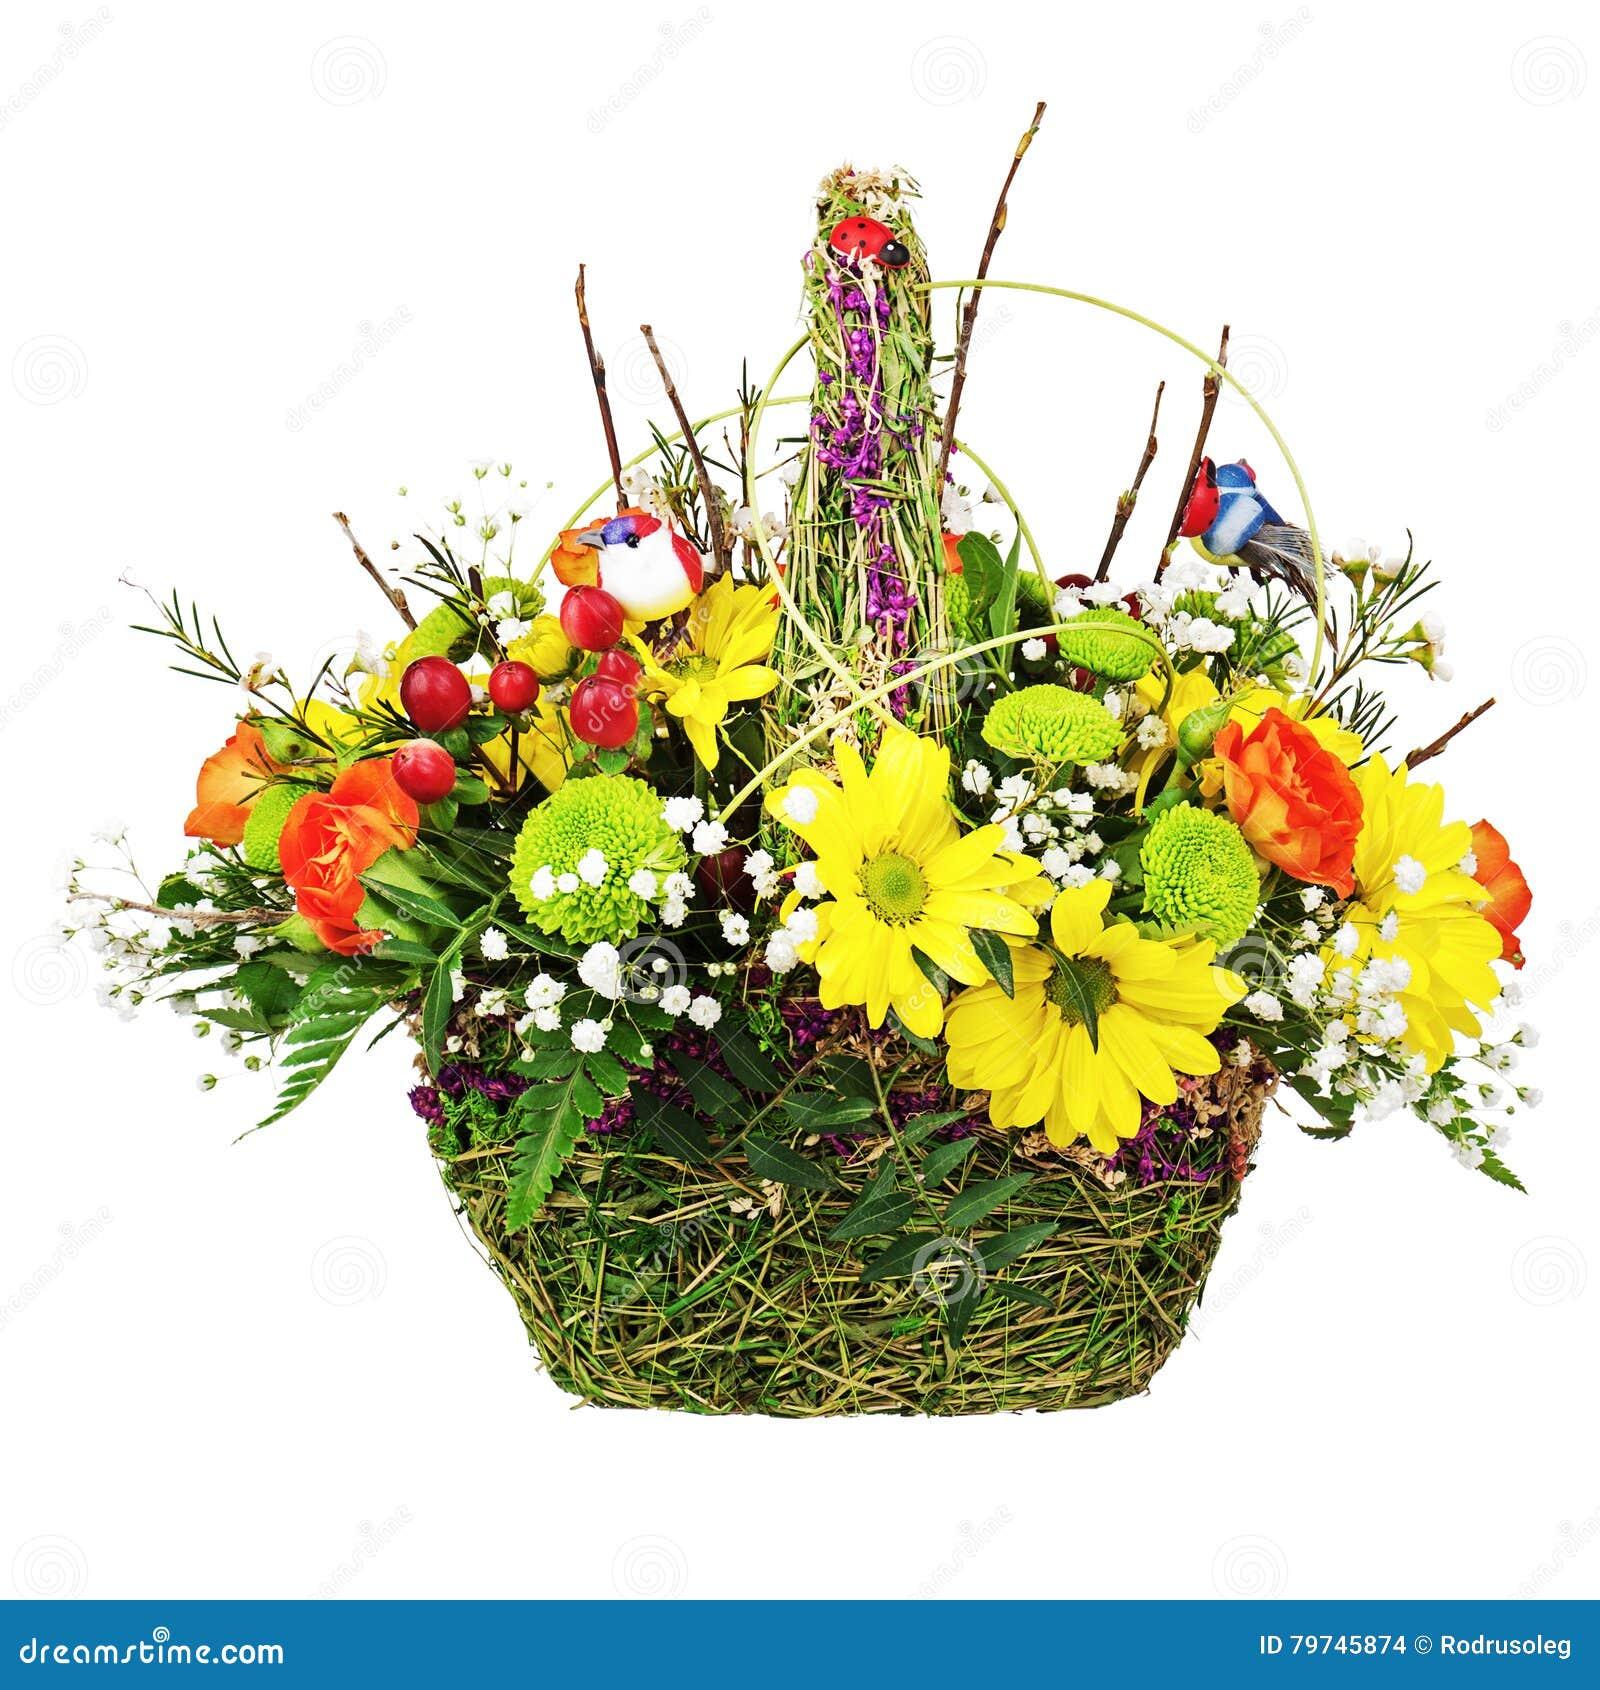 Florece la pieza central del arreglo del ramo en cesta de mimbre